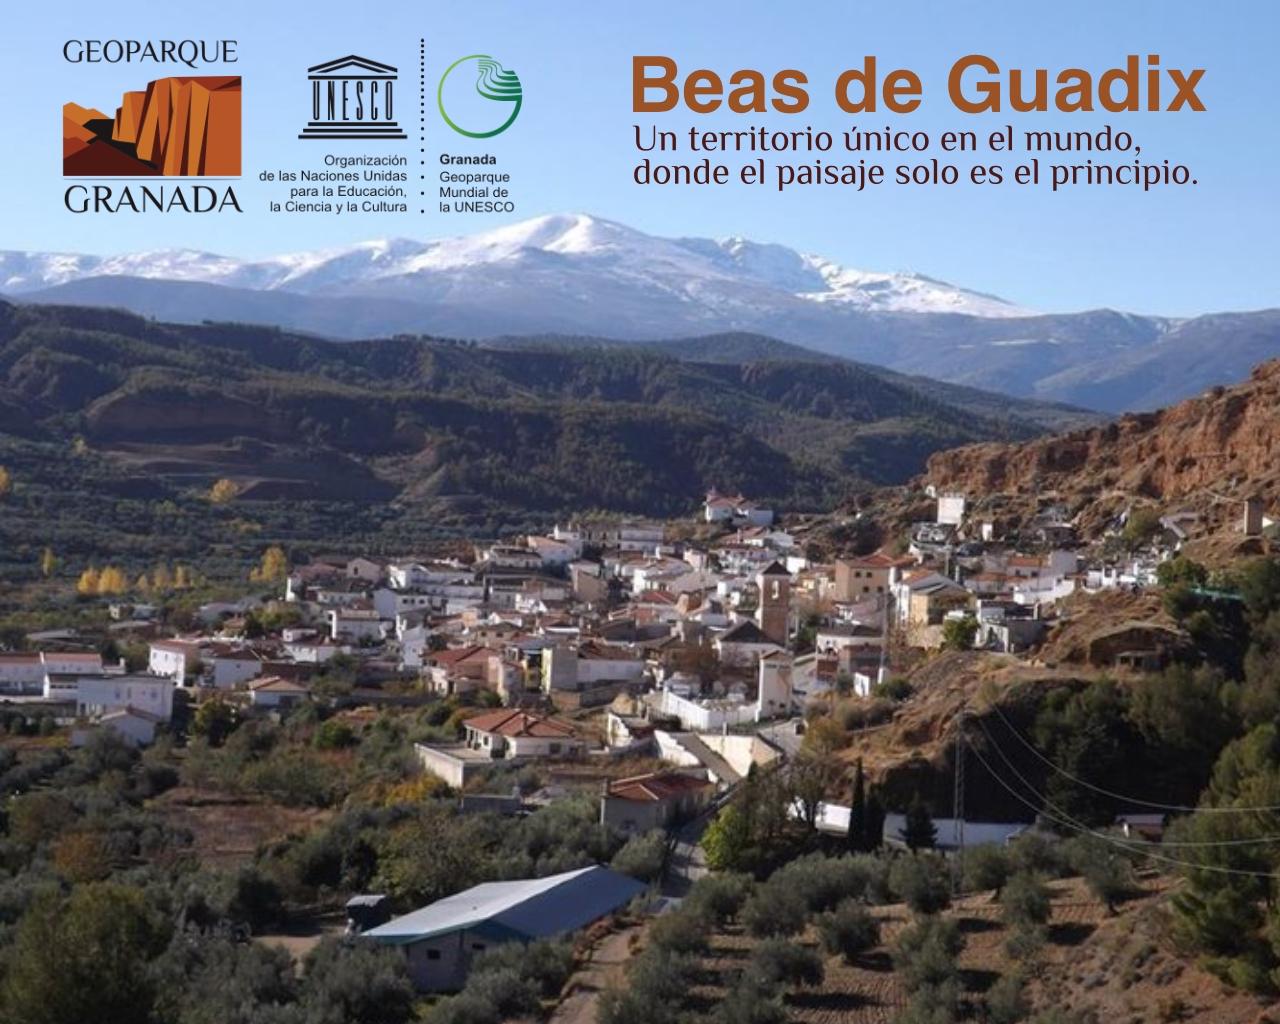 EXPO ITINERANTE beas de guadix - Exposición sobre el Geoparque, en BEAS DE GUADIX del 9 AL 22 de marzo de 2021. - Geoparque de Granada